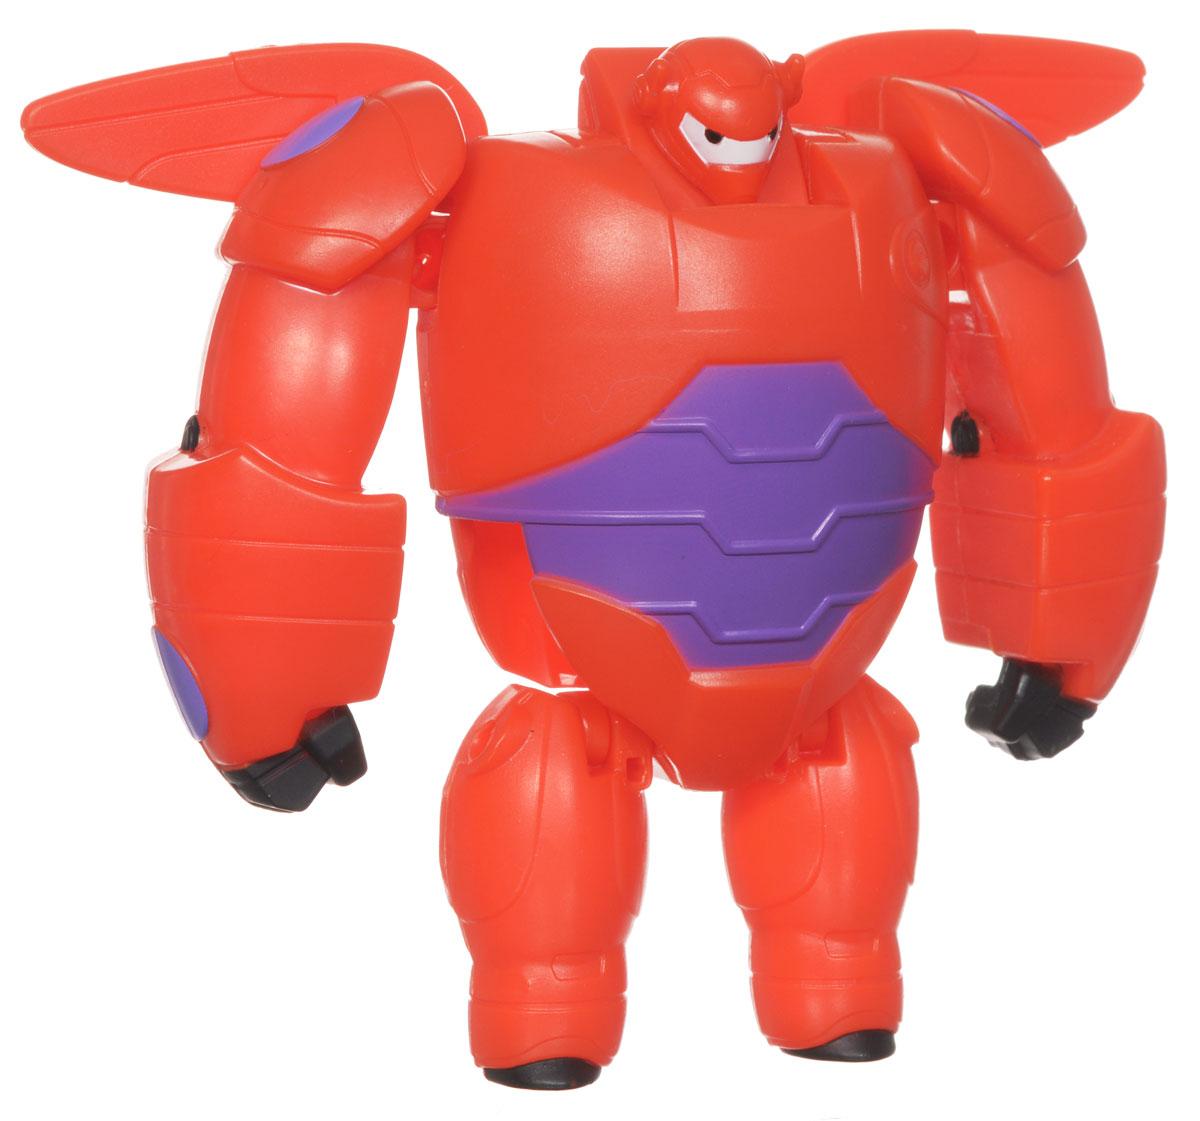 Игрушка EggStars Яйцо-трансформер: Бэймакс, цвет: красный84411Оригинальная игрушка EggStars Яйцо-трансформер: Бэймакс надолго займет внимание вашего ребенка. Игрушка выполнена из прочного пластика в виде крылатого красного робота Бэймакса - персонажа мультфильма Big Hero 6 (Город героев). Бэймакс легко трансформируется в яйцо и обратно. Эта игрушка непременно понравится вашему малышу. Порадуйте его таким замечательным подарком!